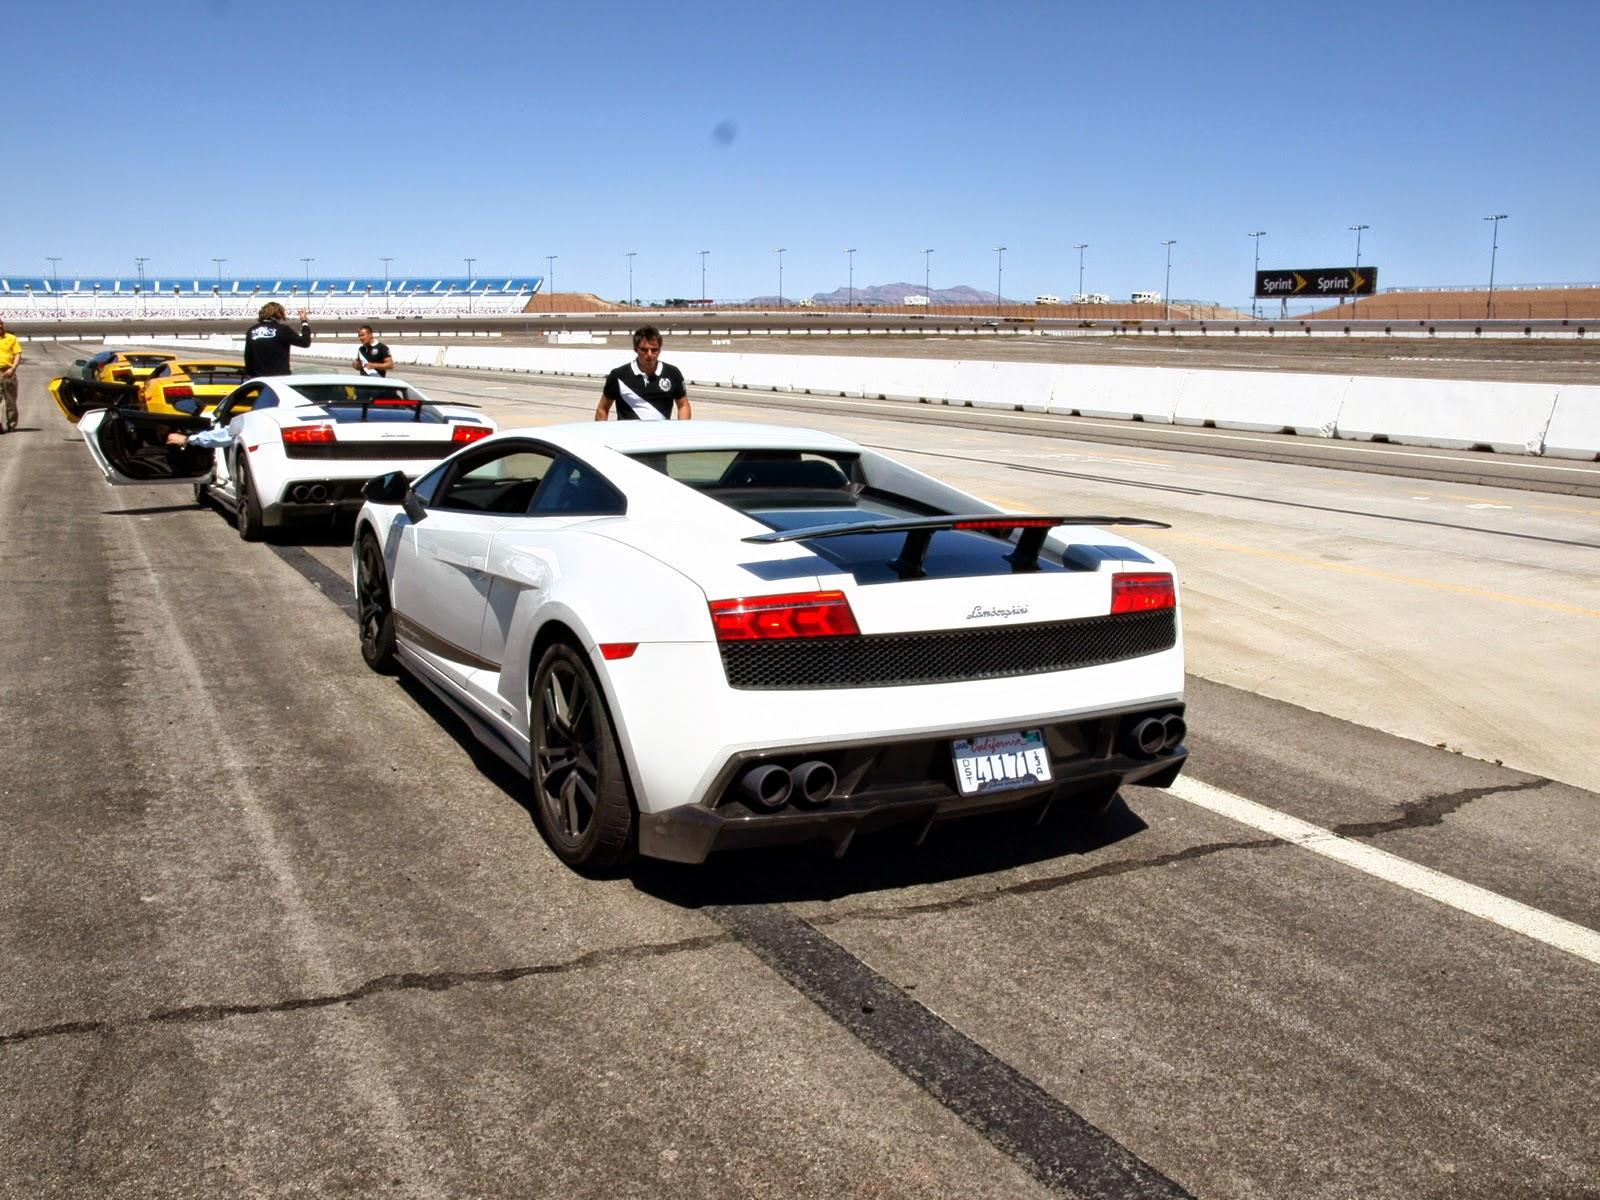 Lamborghini Las Vegas Latest Lovely